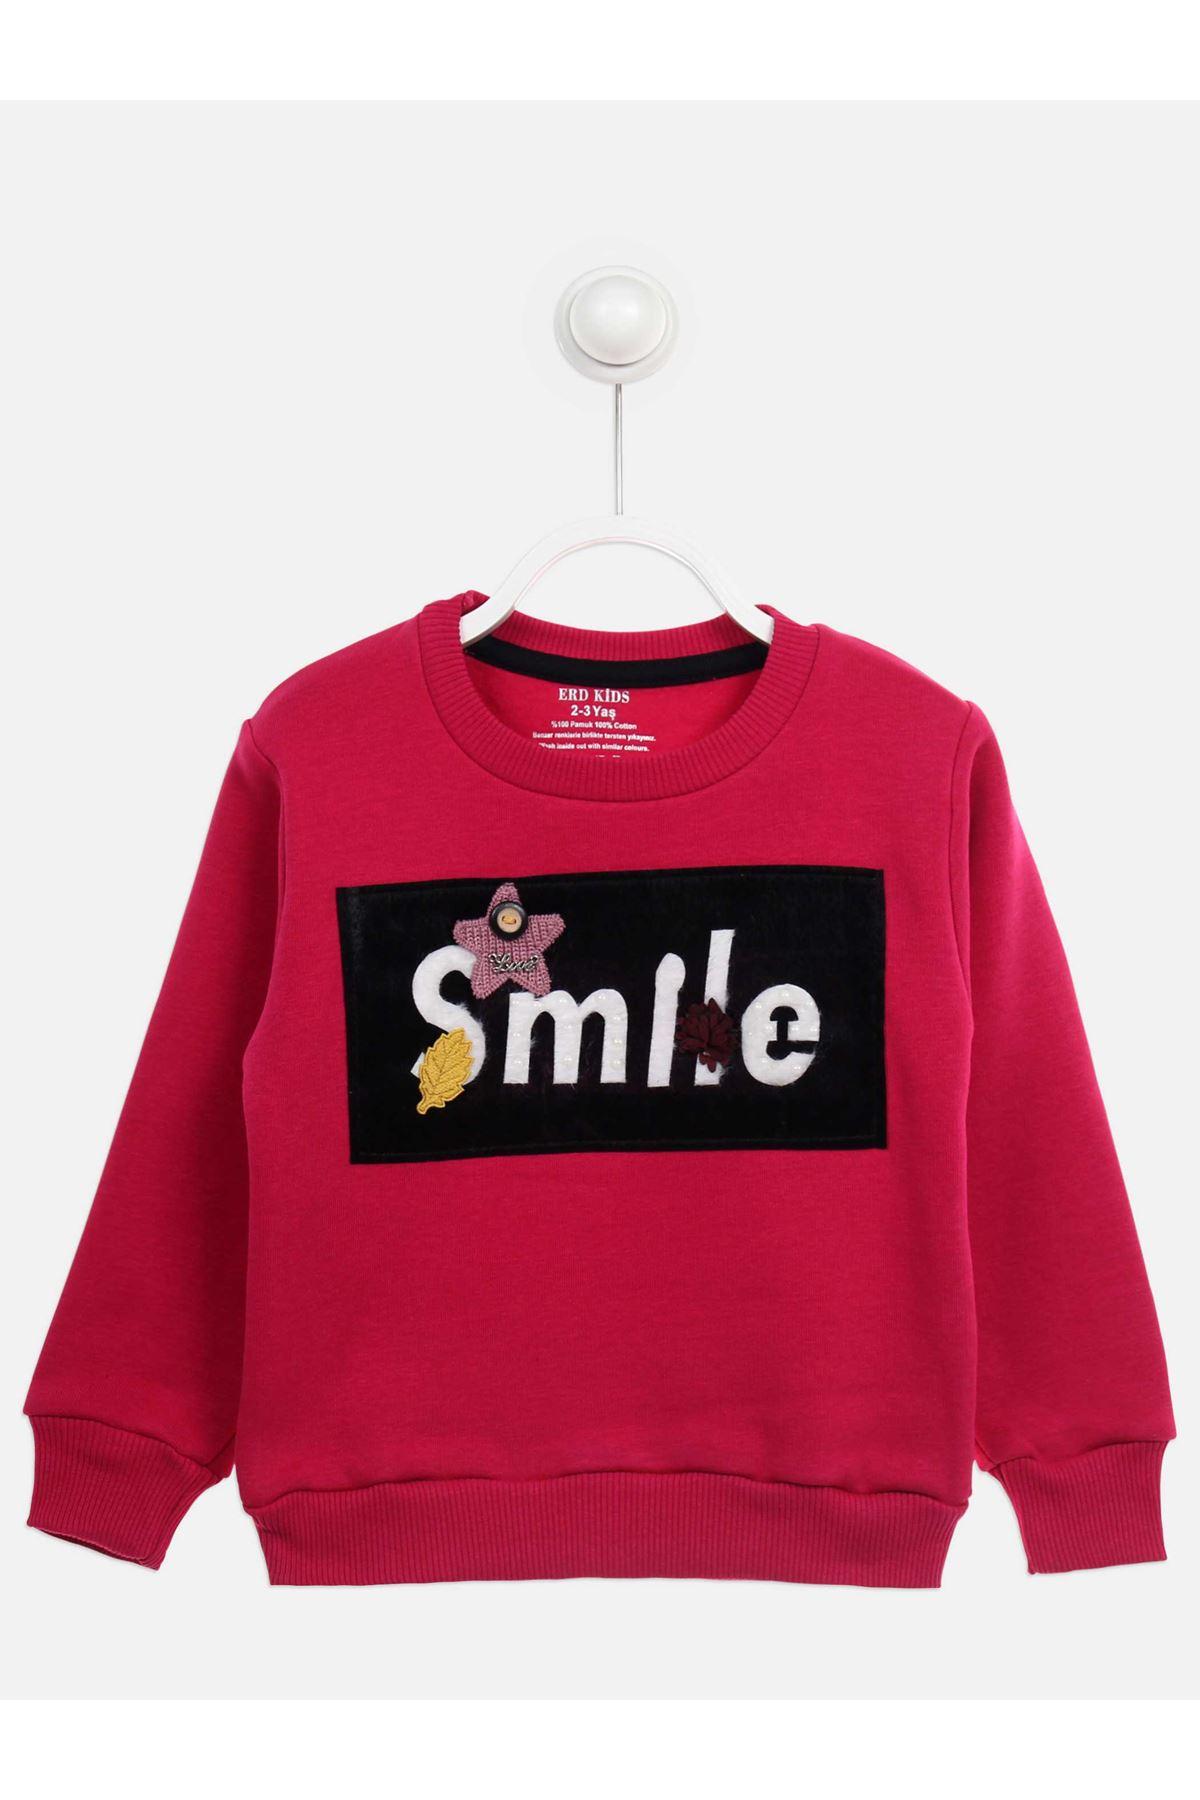 Modakids Winter Girls Children Sweatshirts